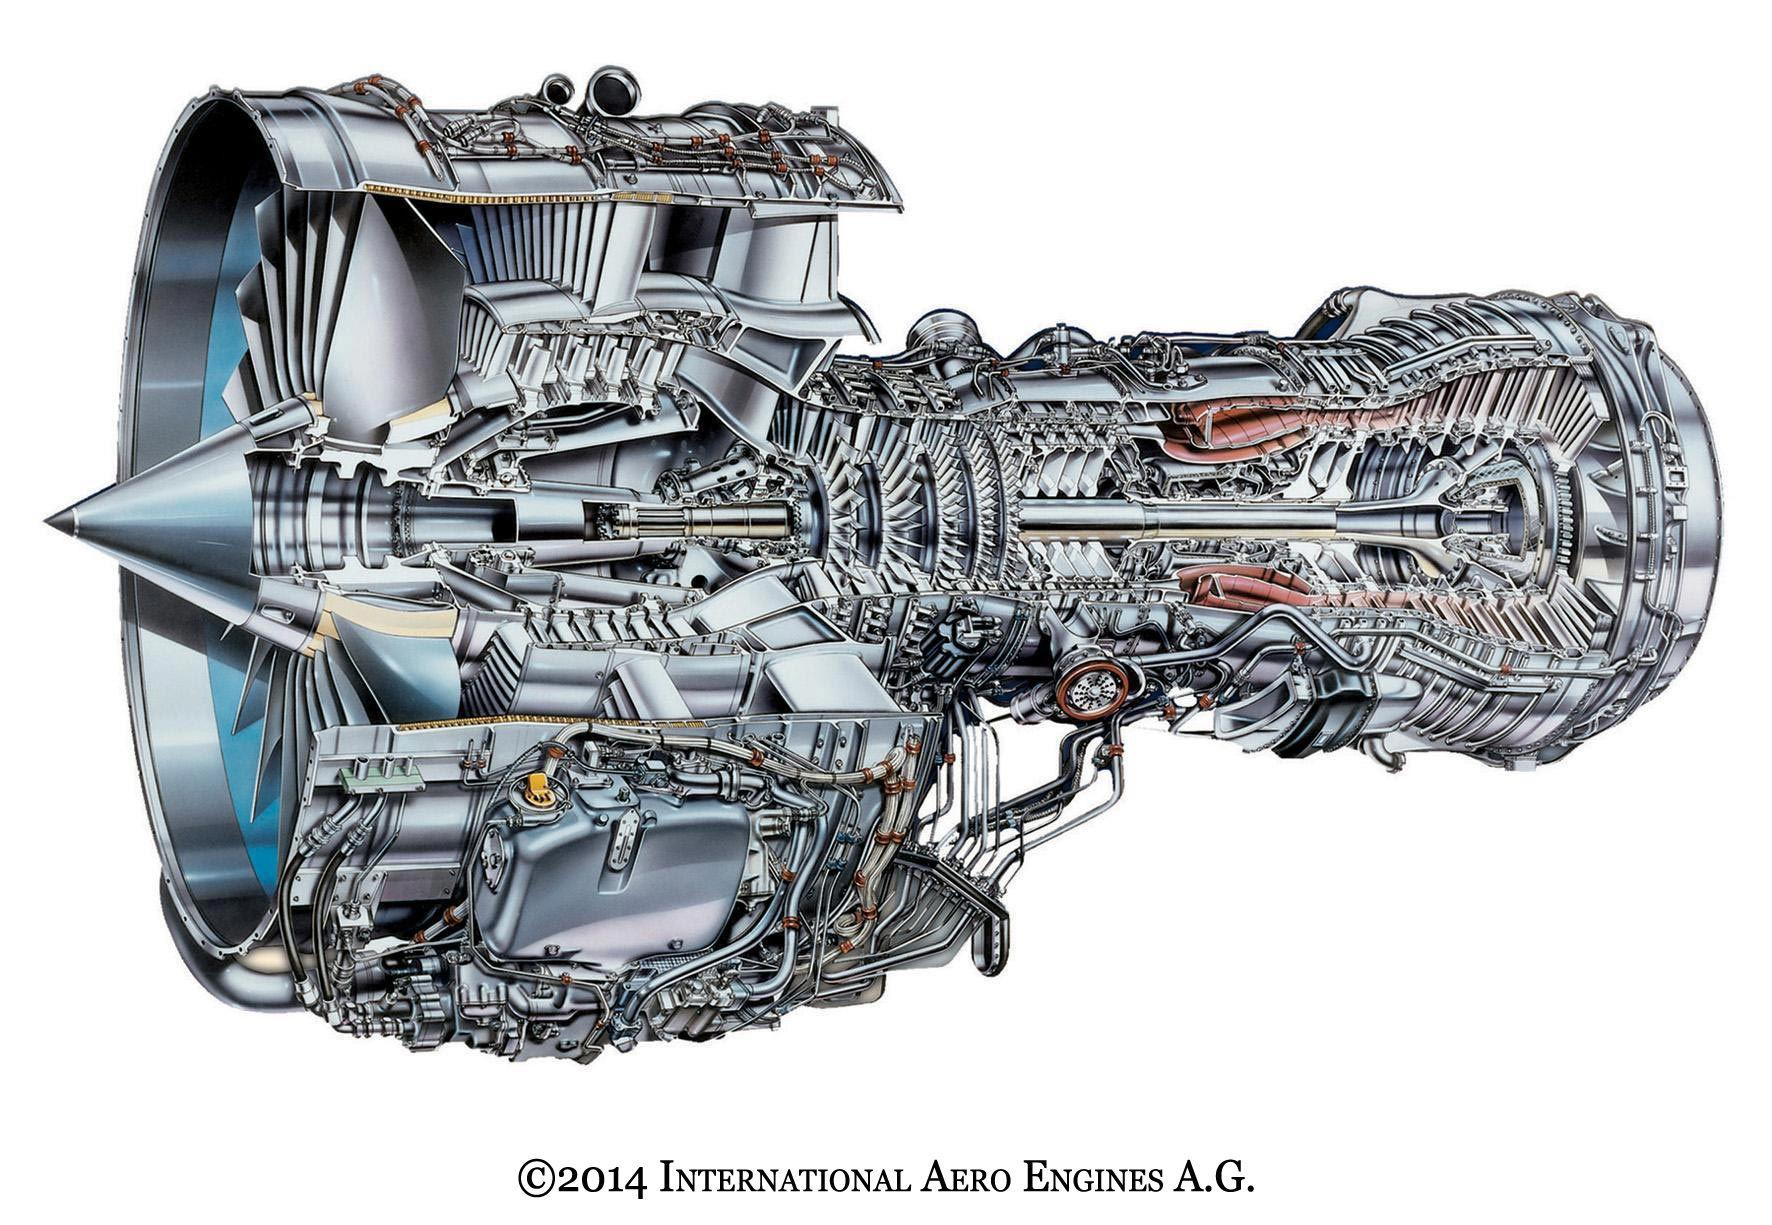 boeing engine v2500 engine engine diagrams jet. Black Bedroom Furniture Sets. Home Design Ideas